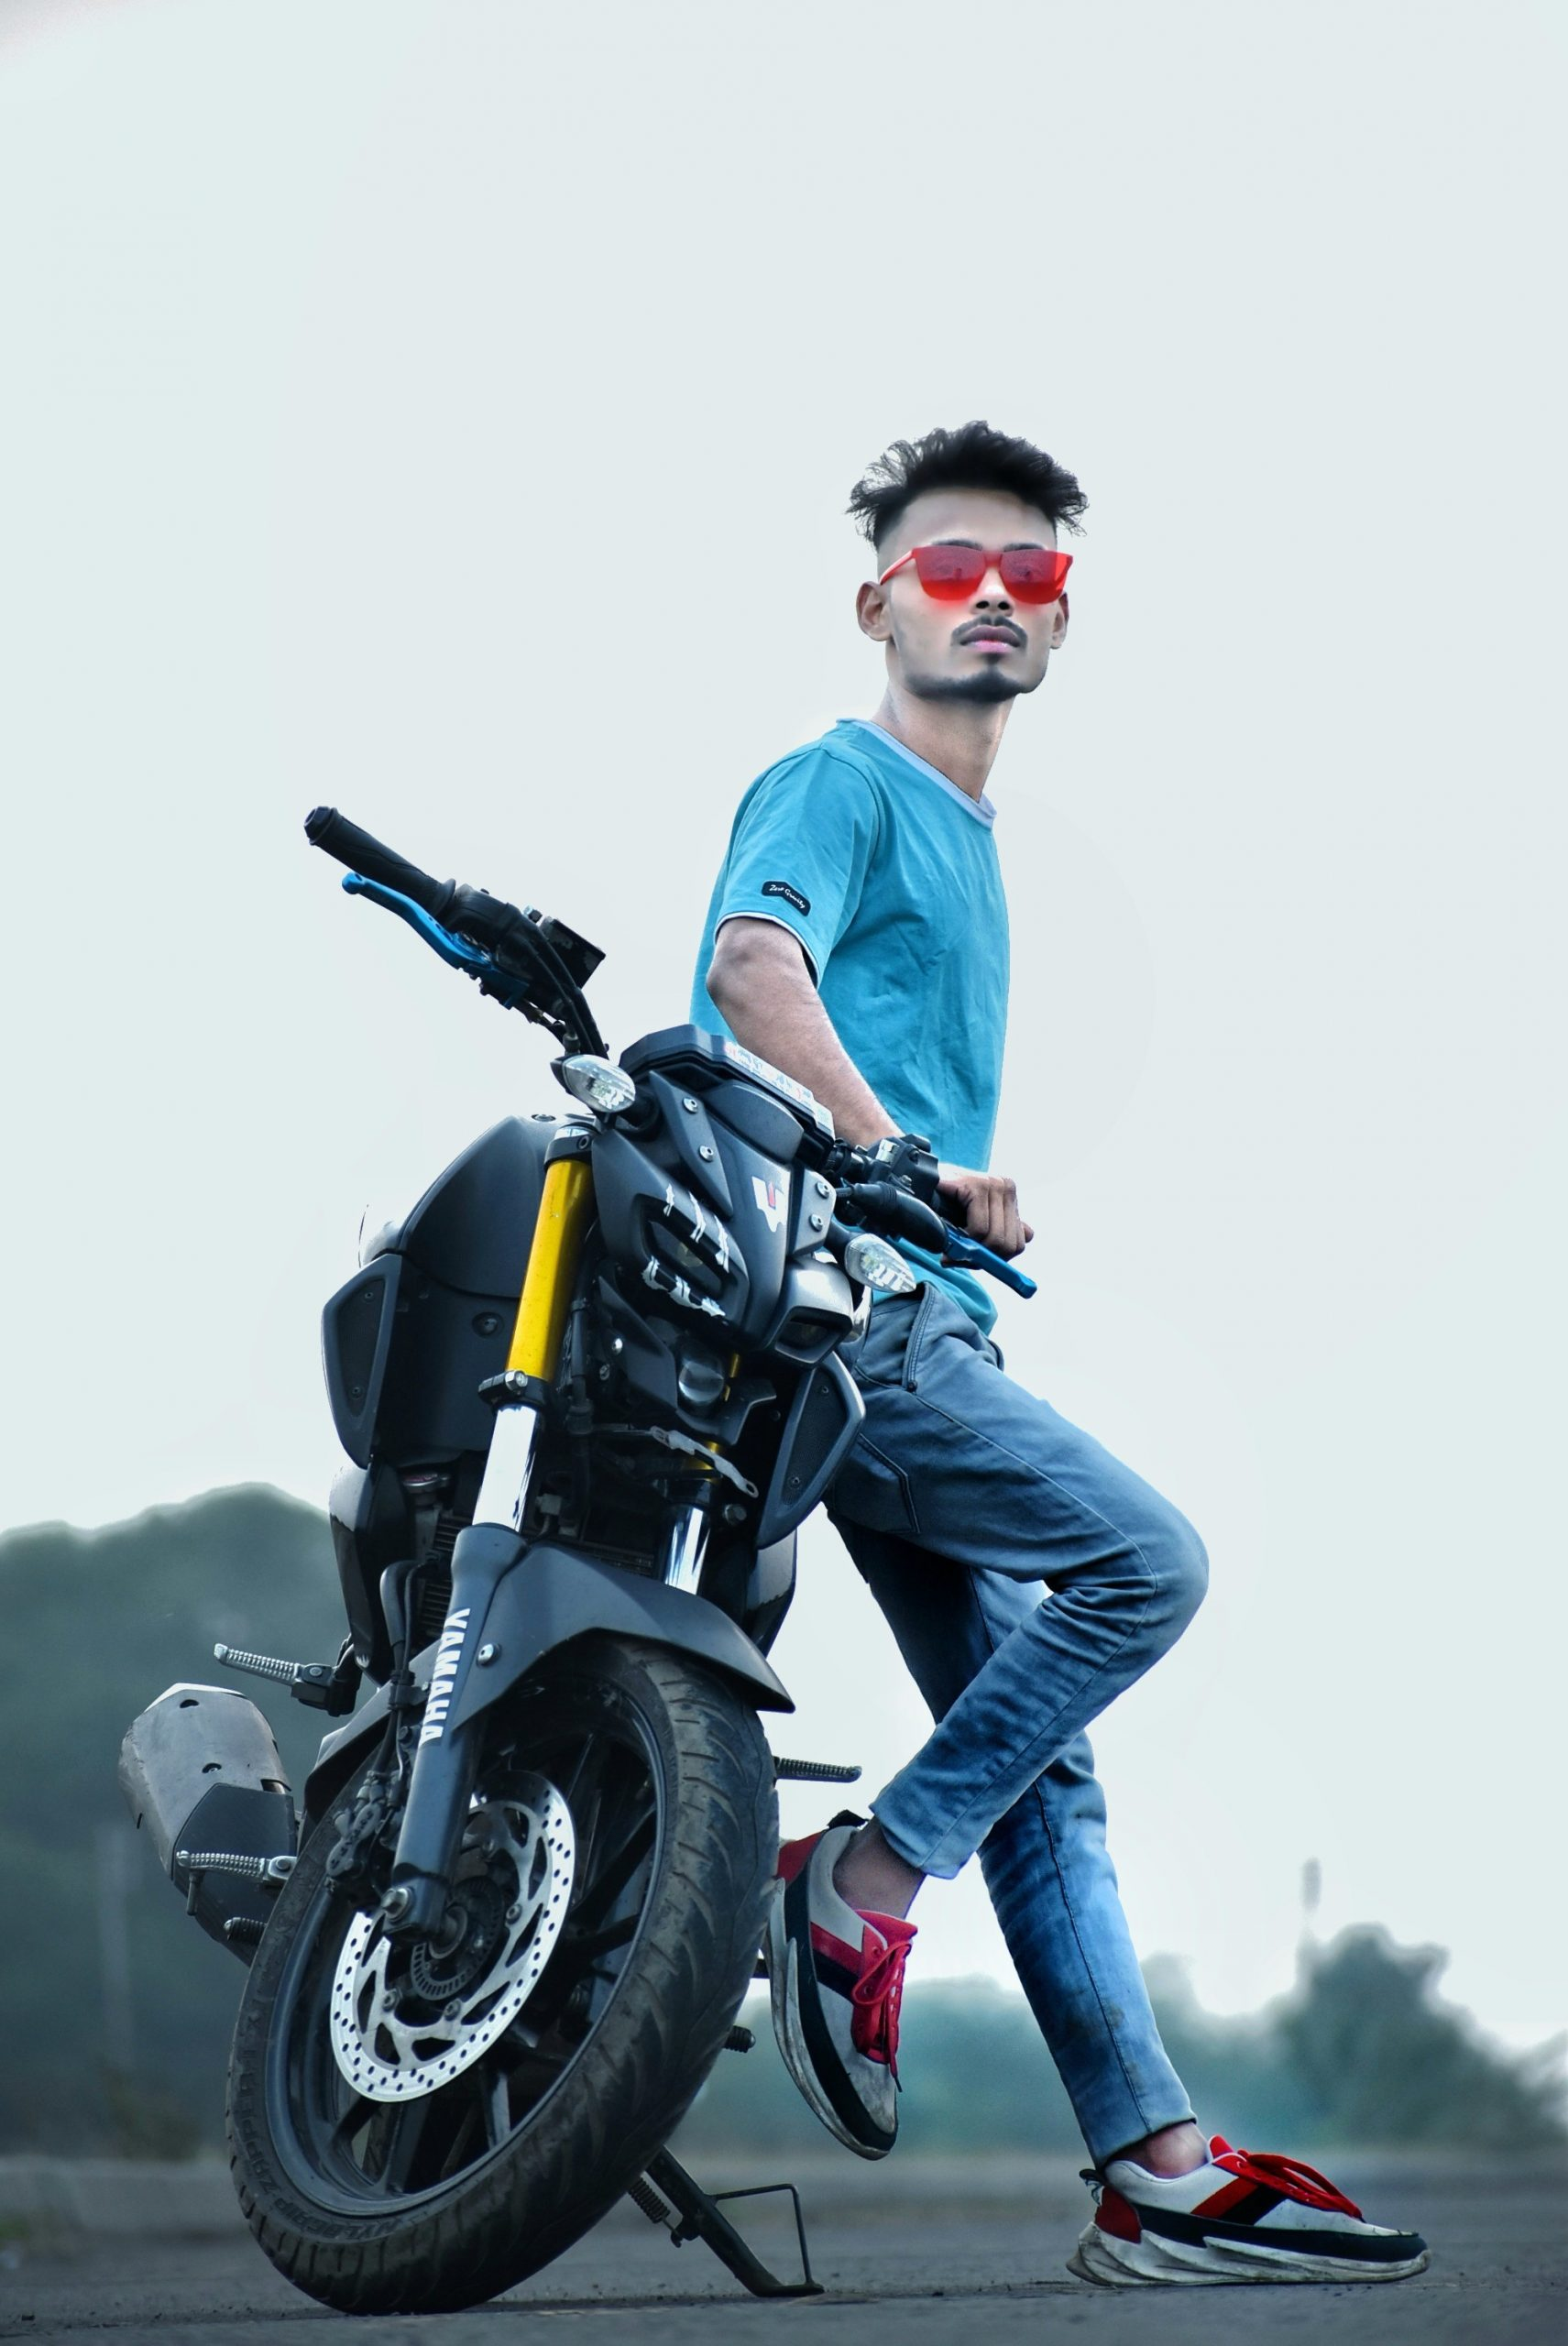 Boy with bike